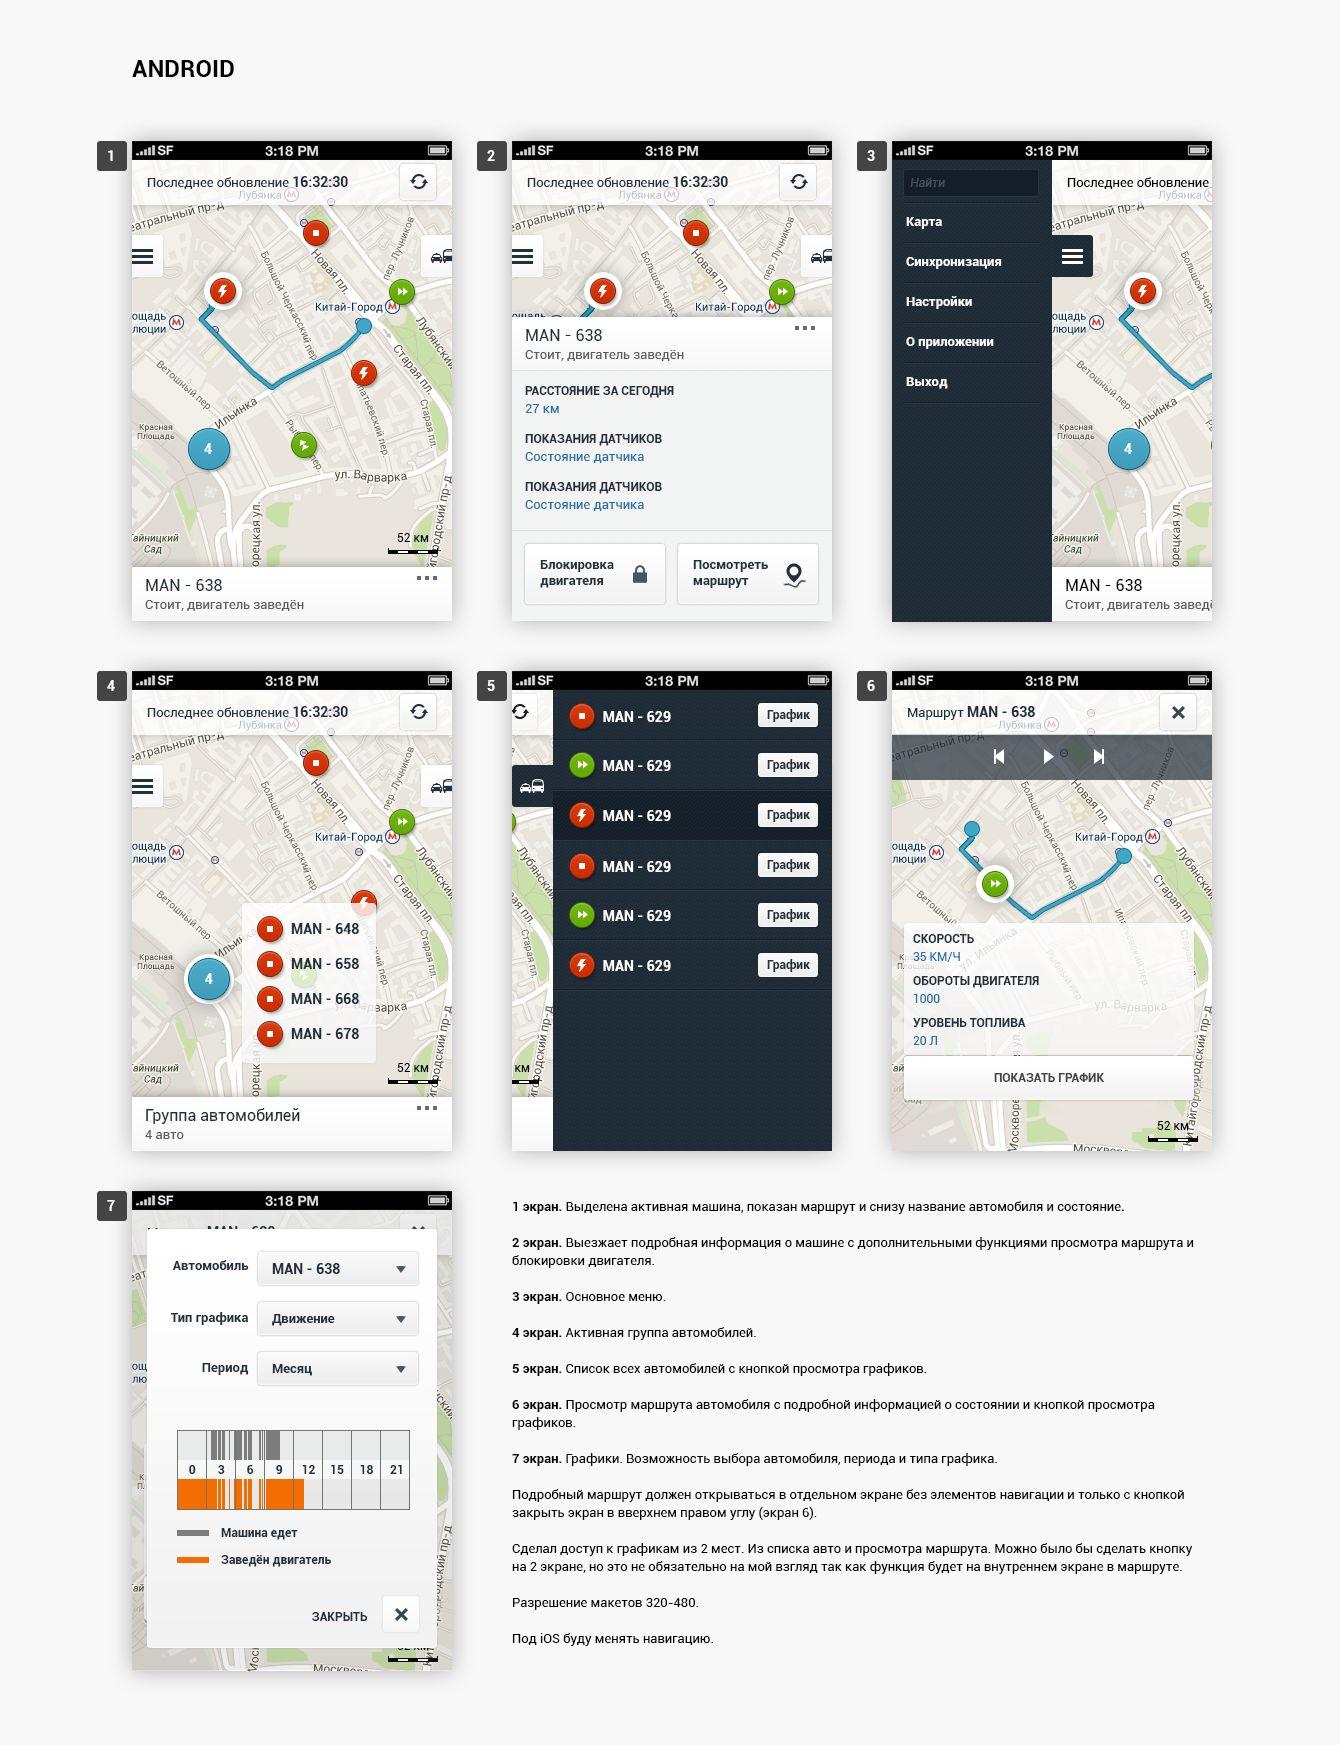 Дизайн мобильного приложения (объекты на карте) - дизайнер qwerty_1